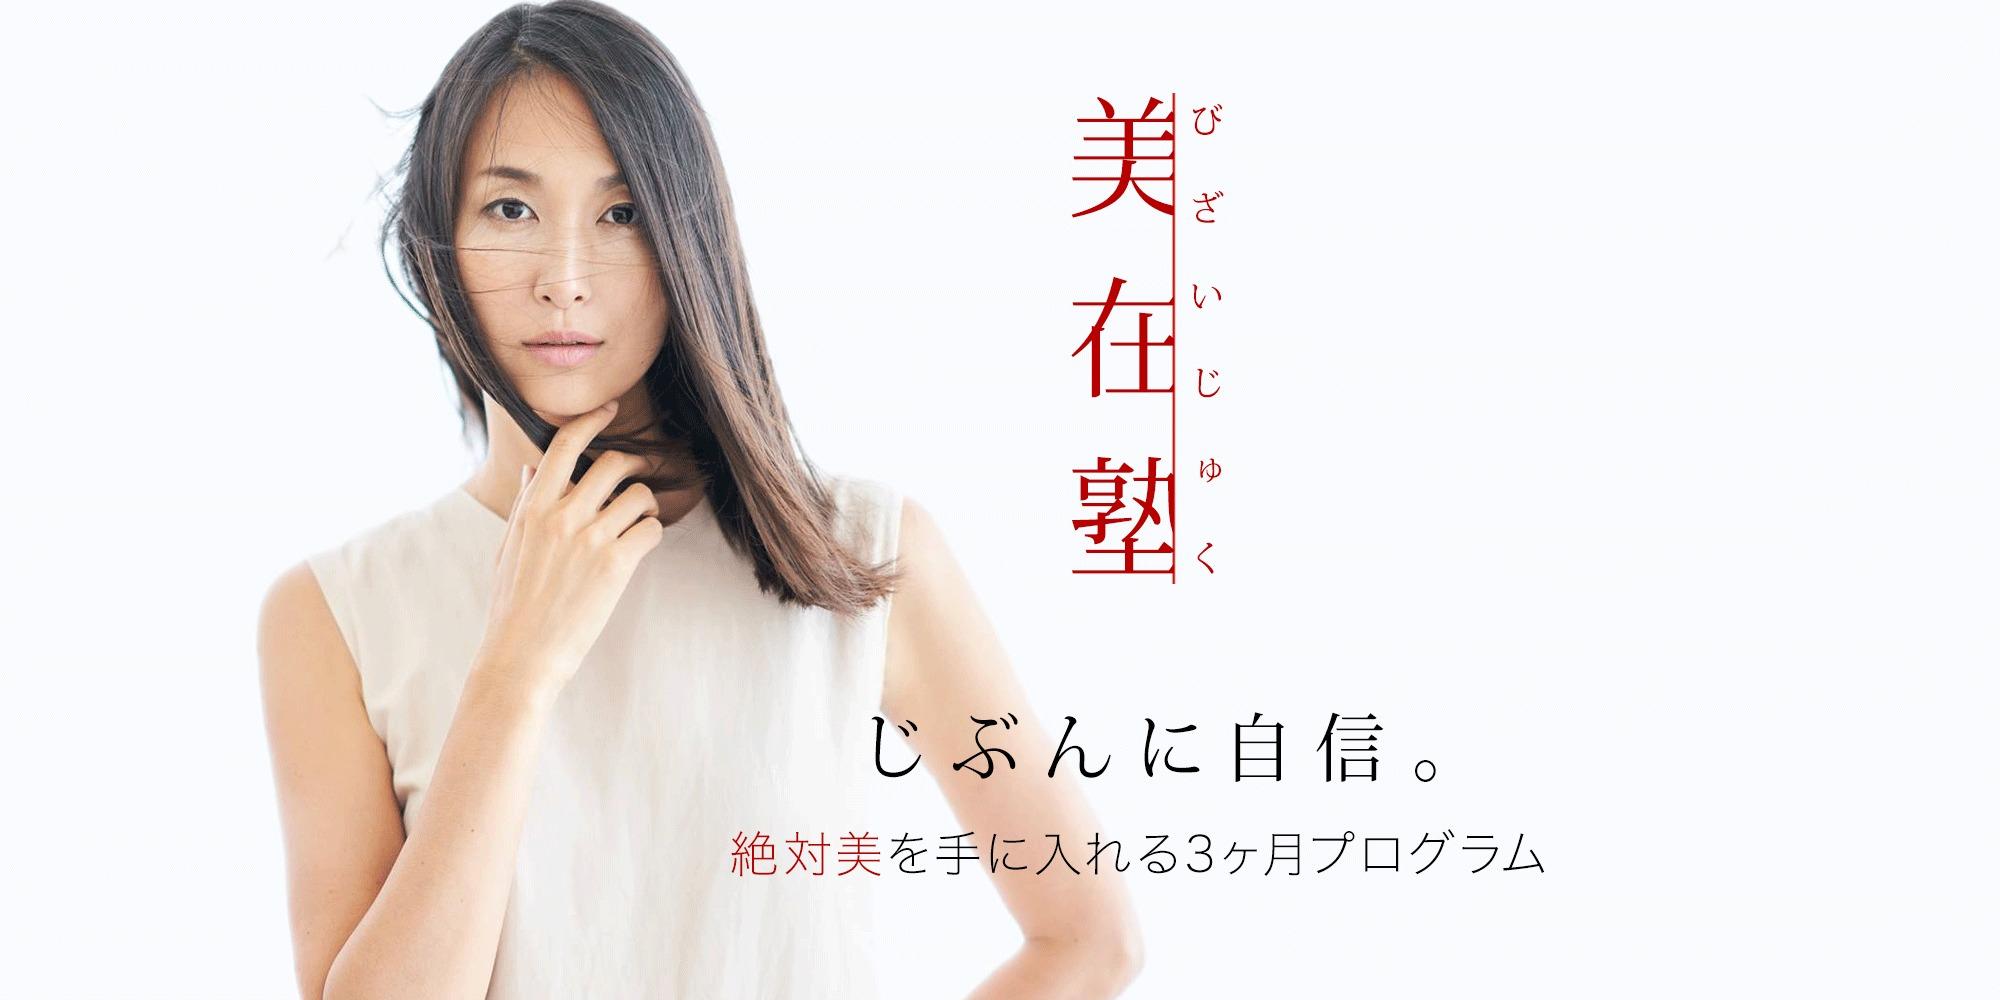 美在塾 人間として美しく在る「人間美編」